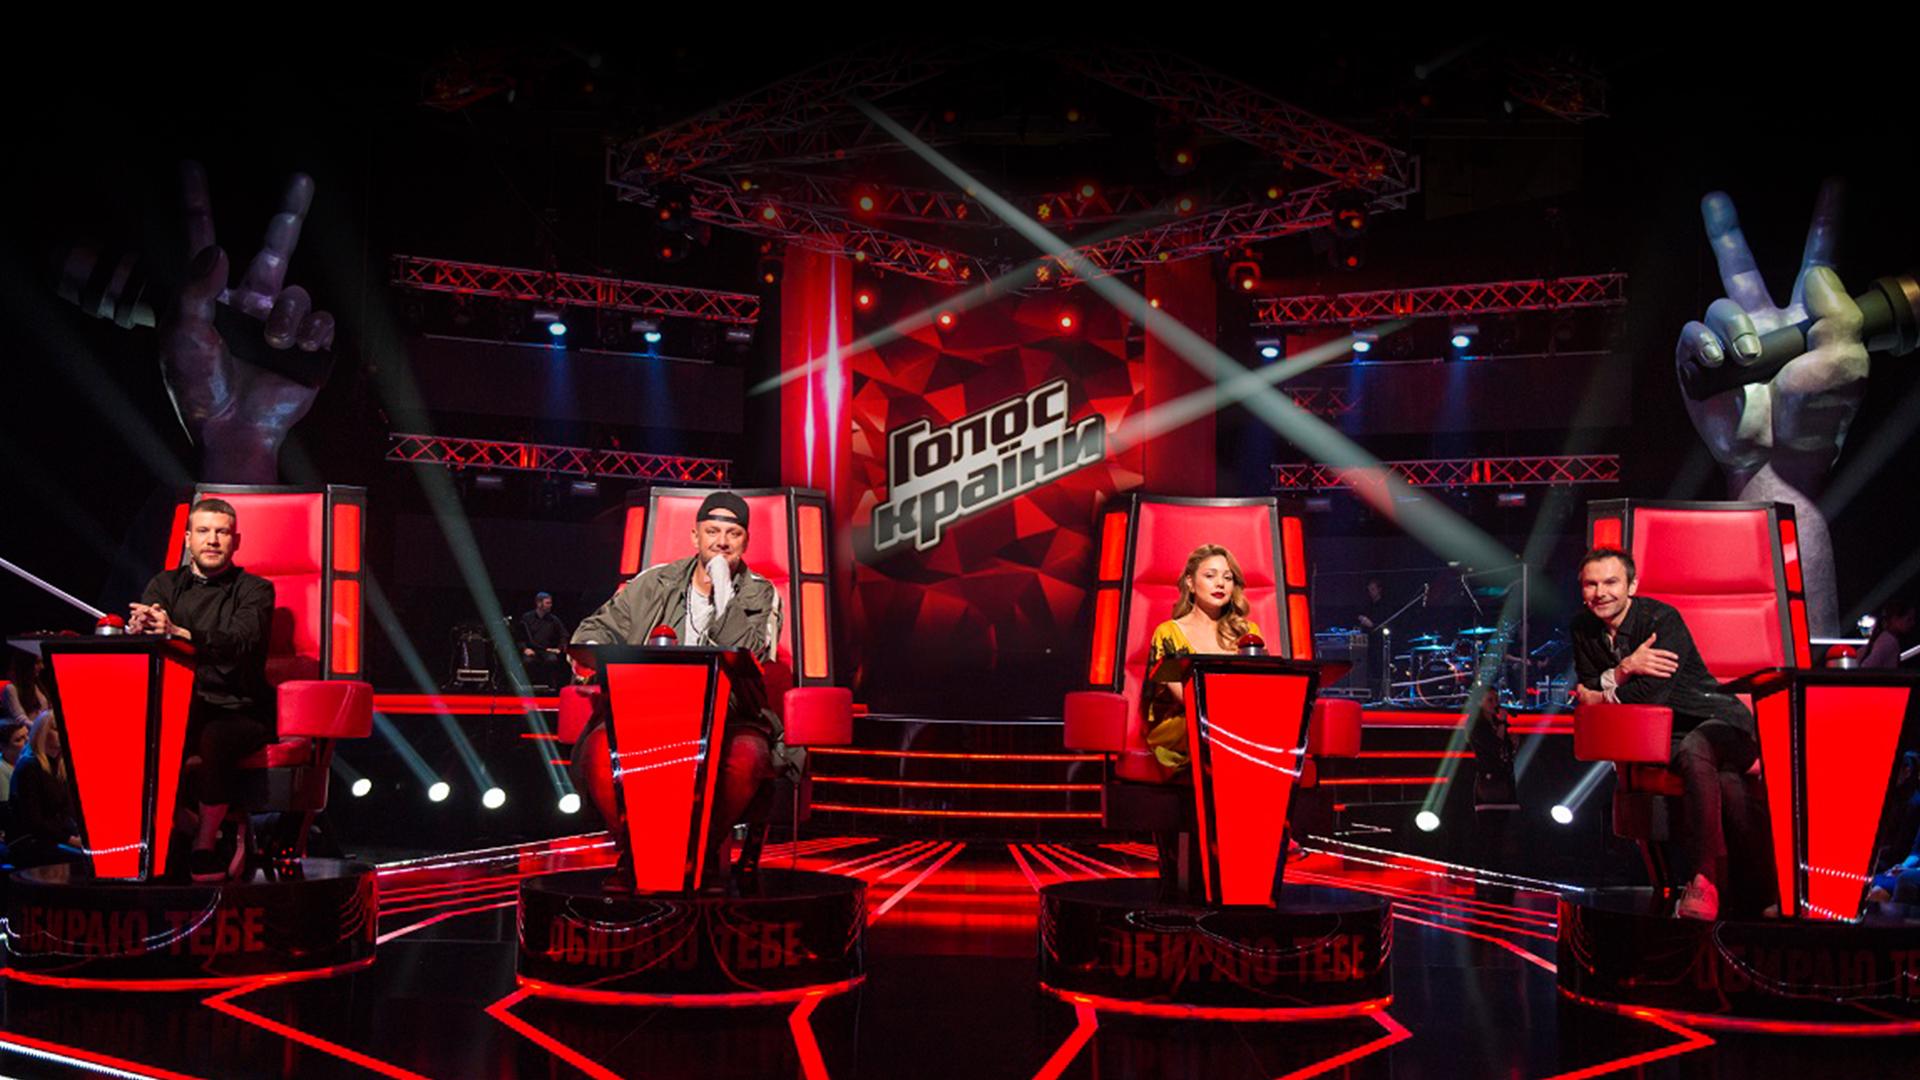 Шоу голос 9 выпуск смотреть онлайн 13 фотография